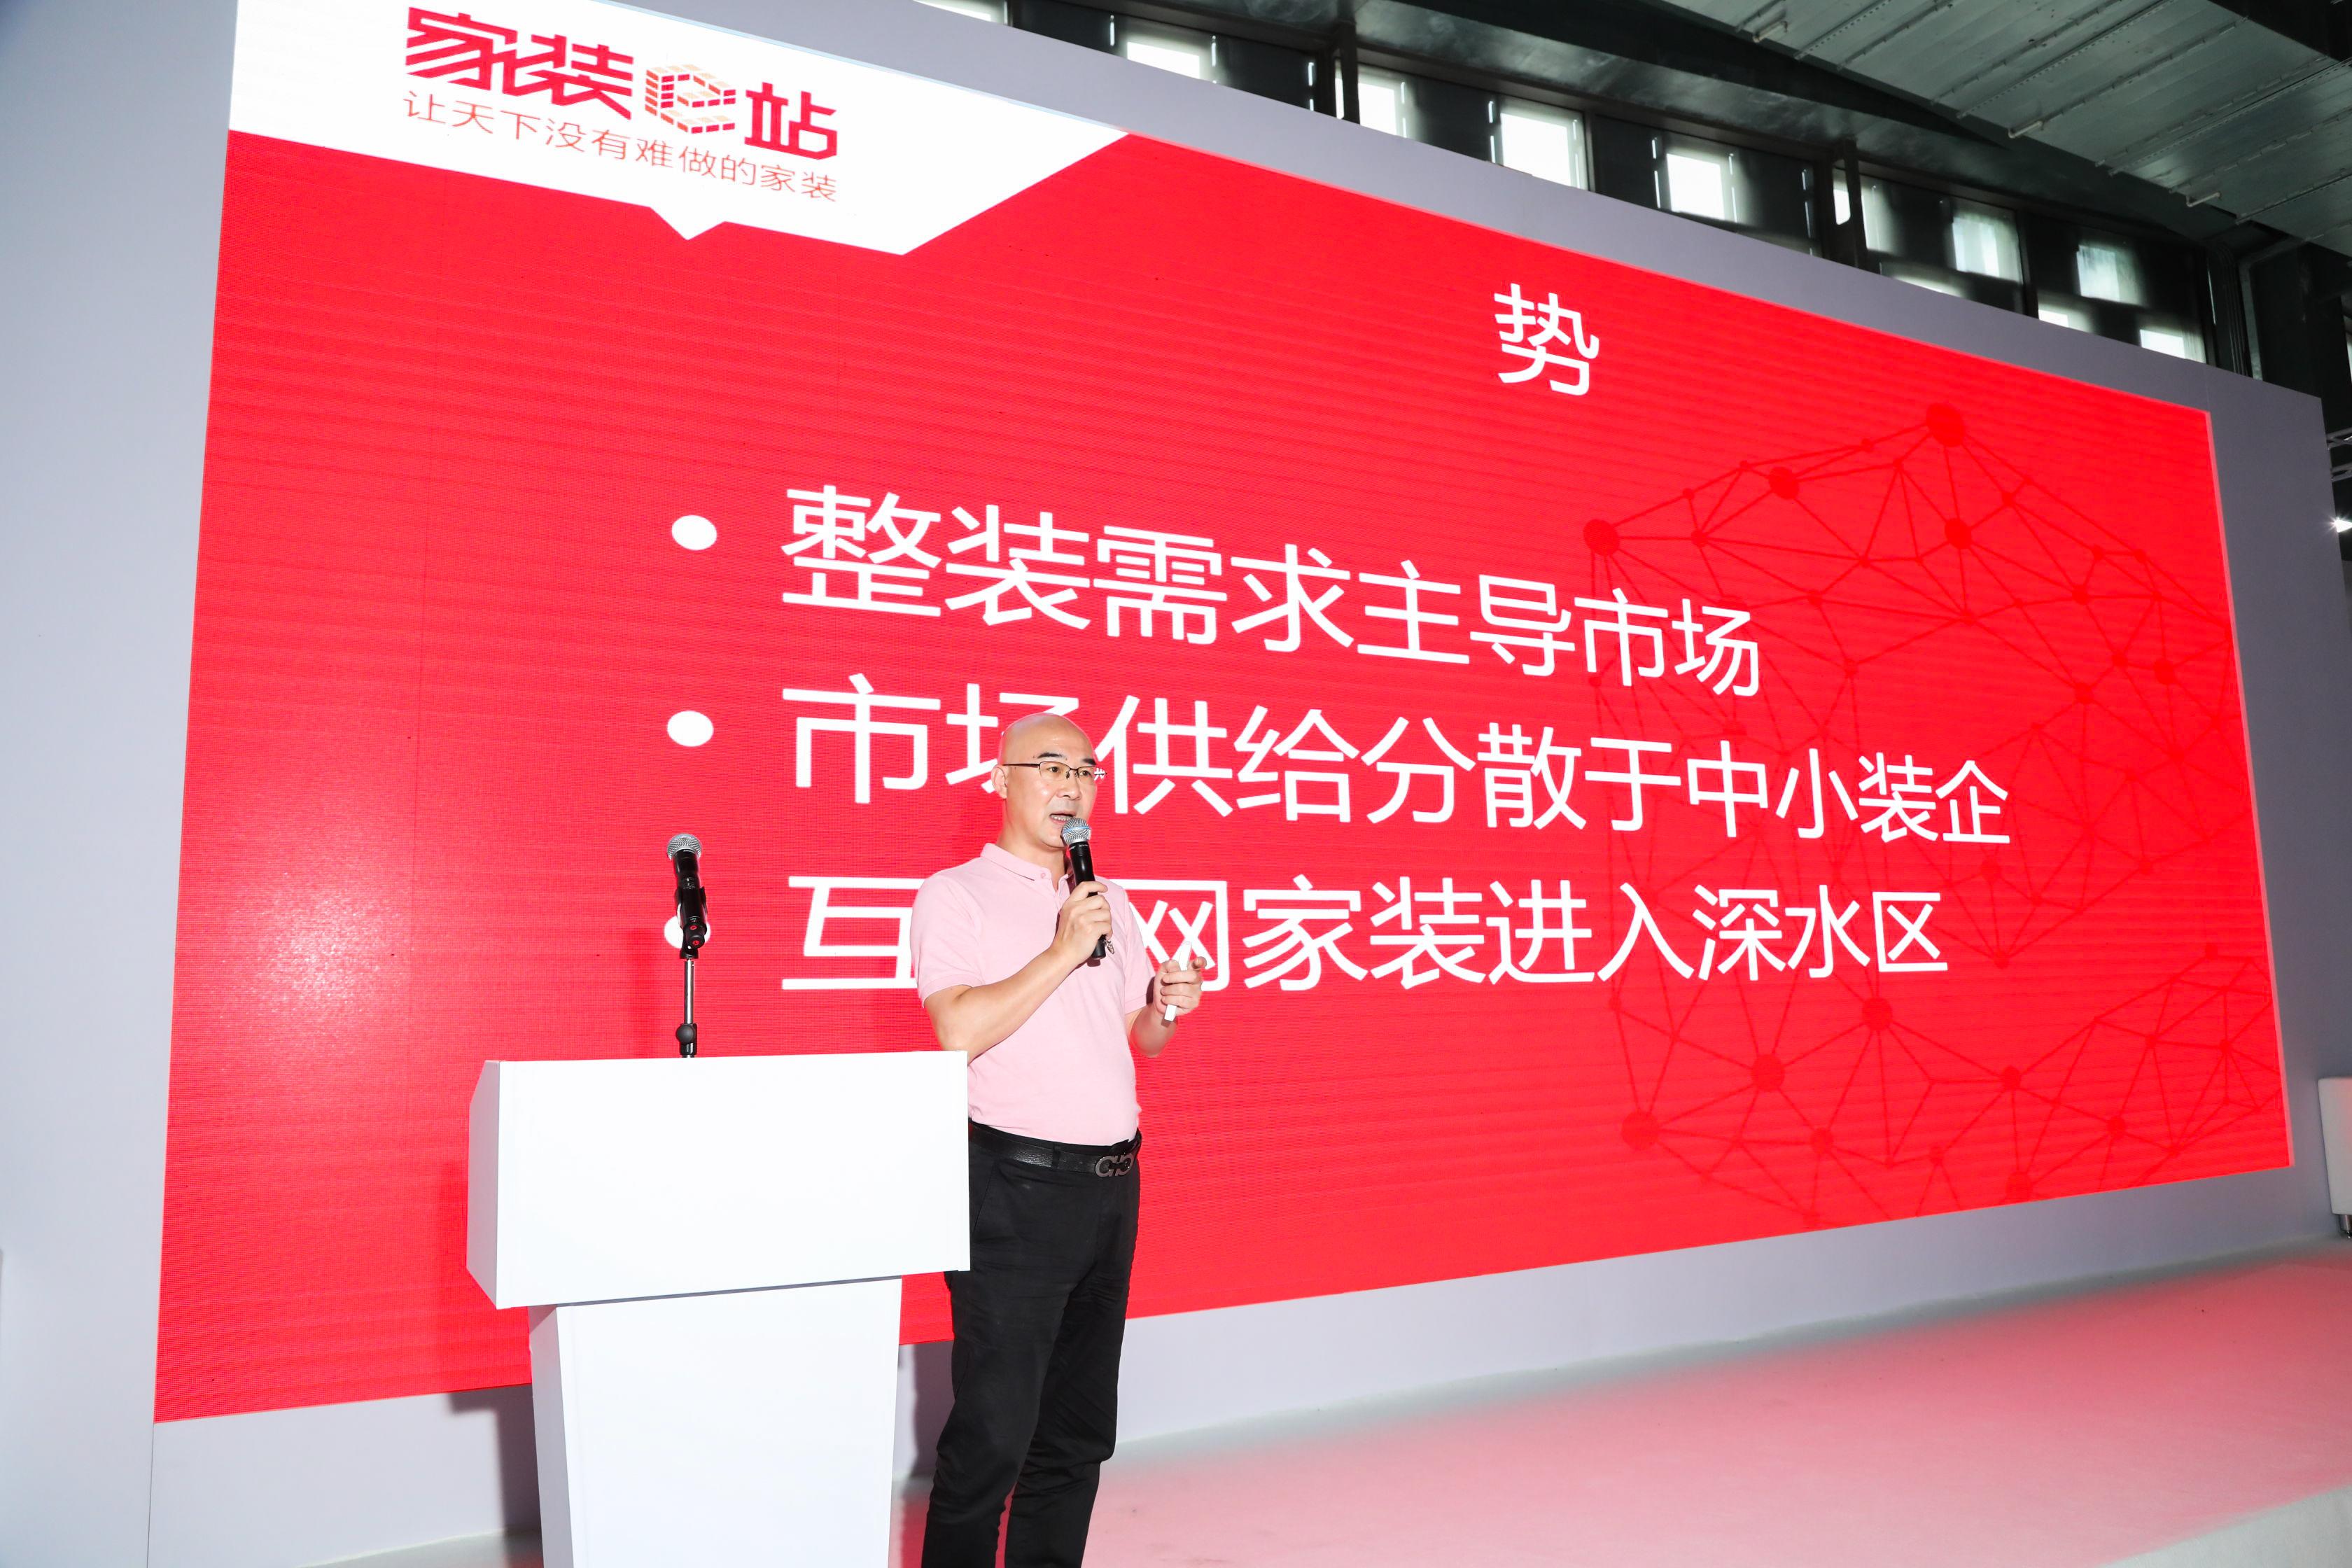 伯虎:新零售趋势下的整装供应链解决方案丨2018第五届中国家居互联网进化论坛